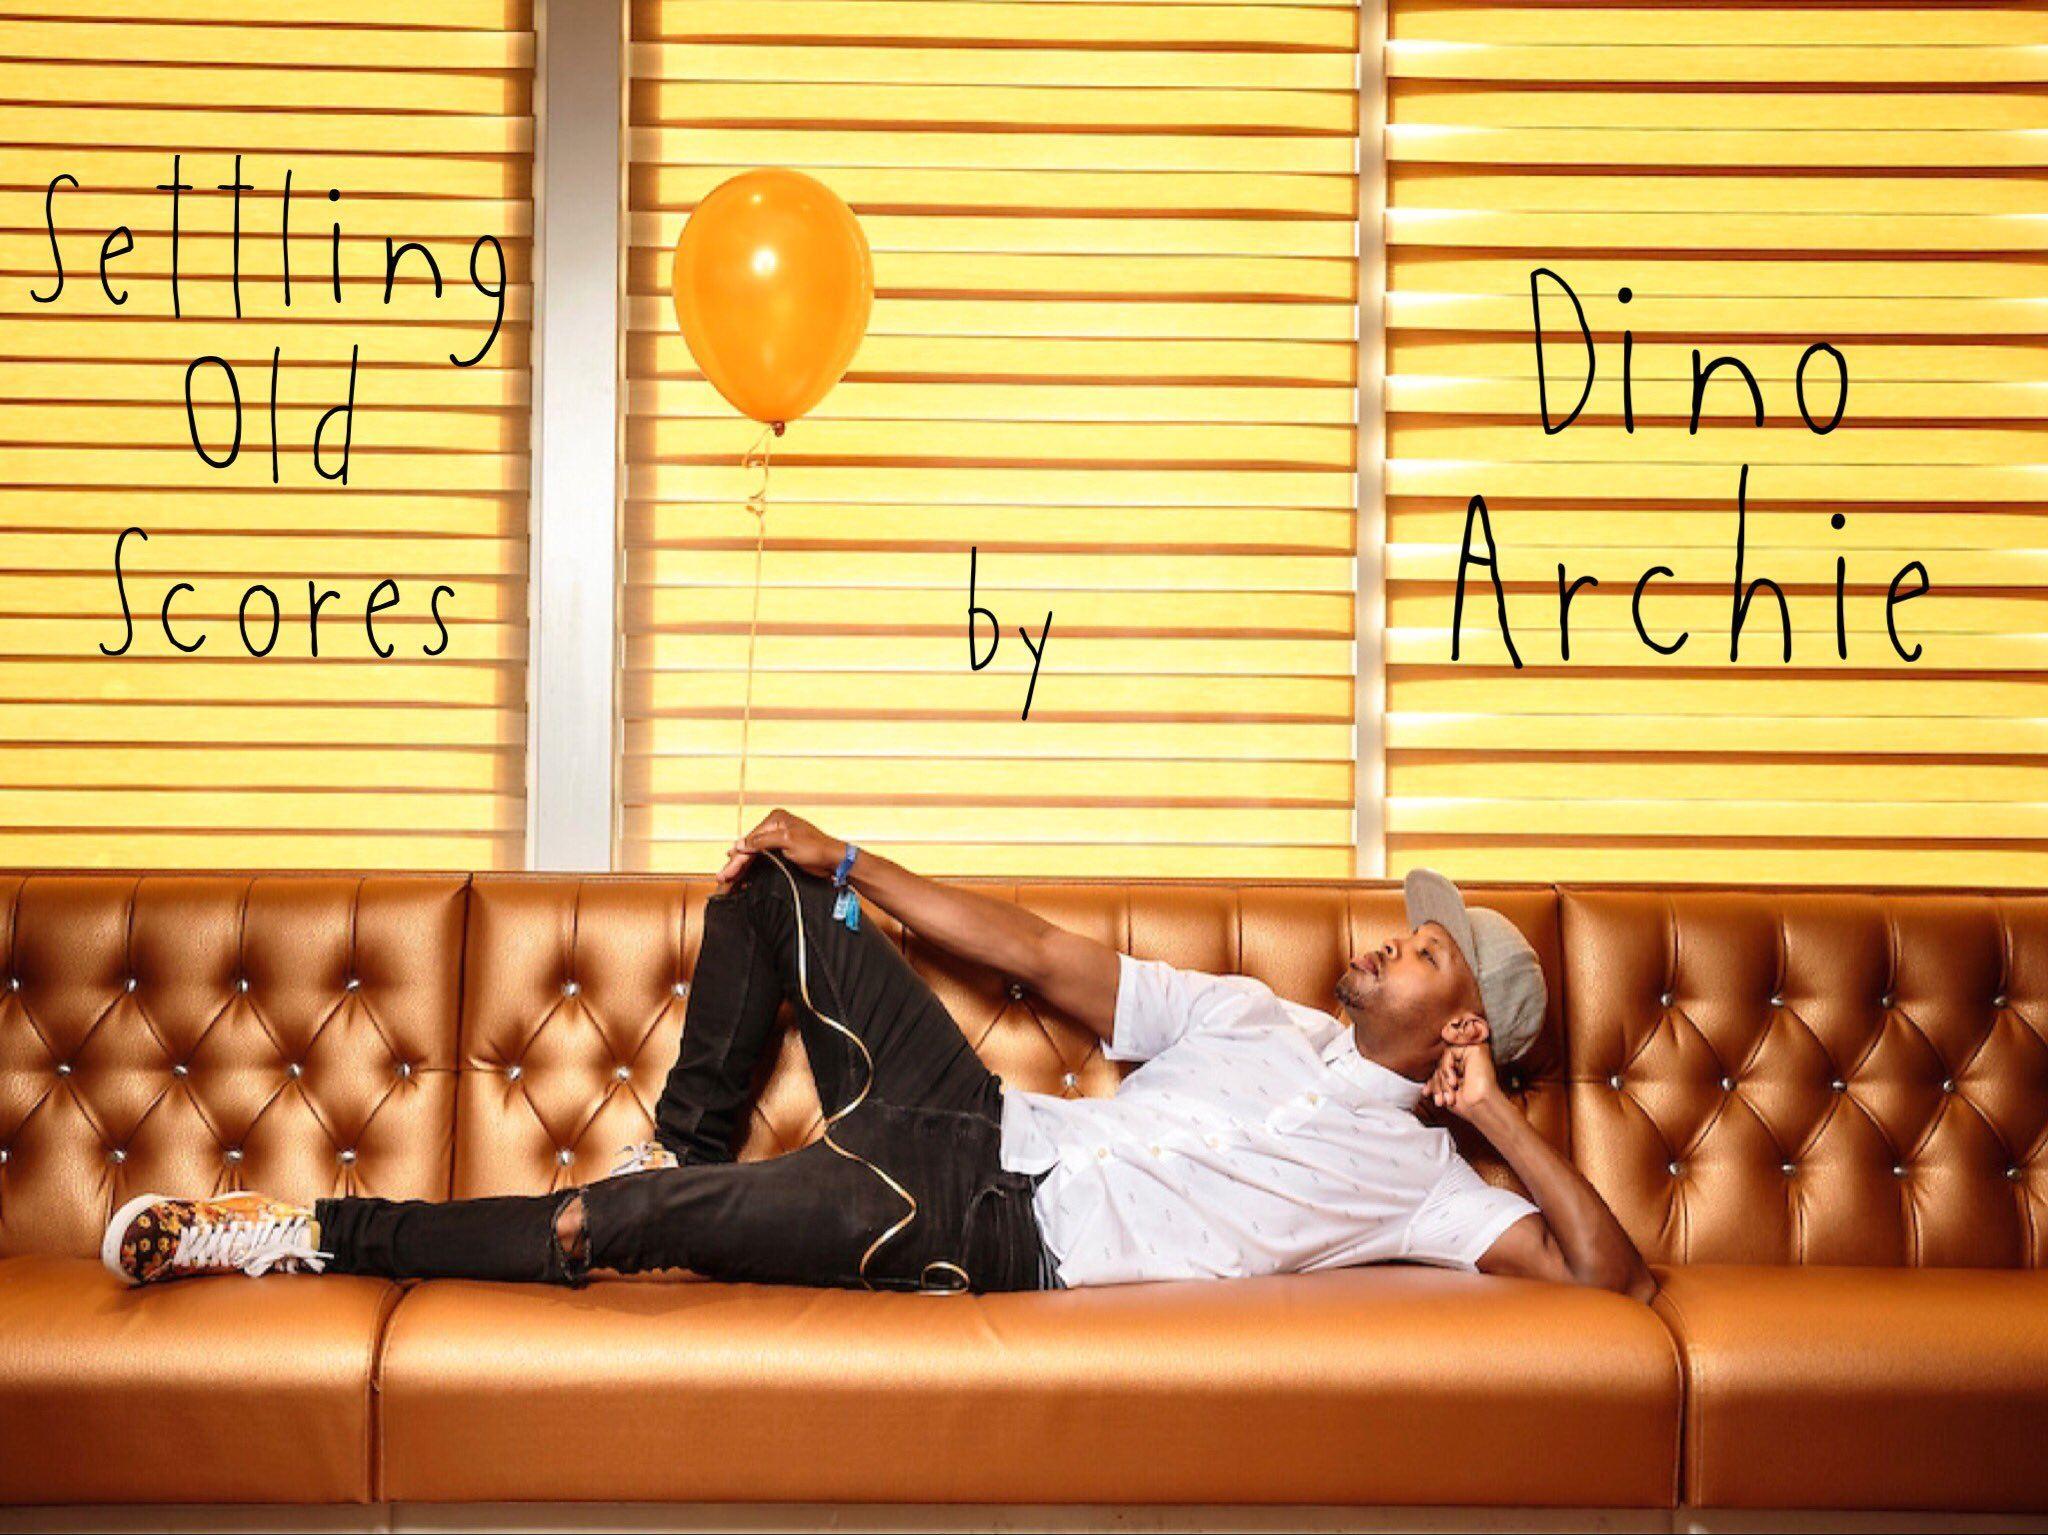 Image: Dino Archie